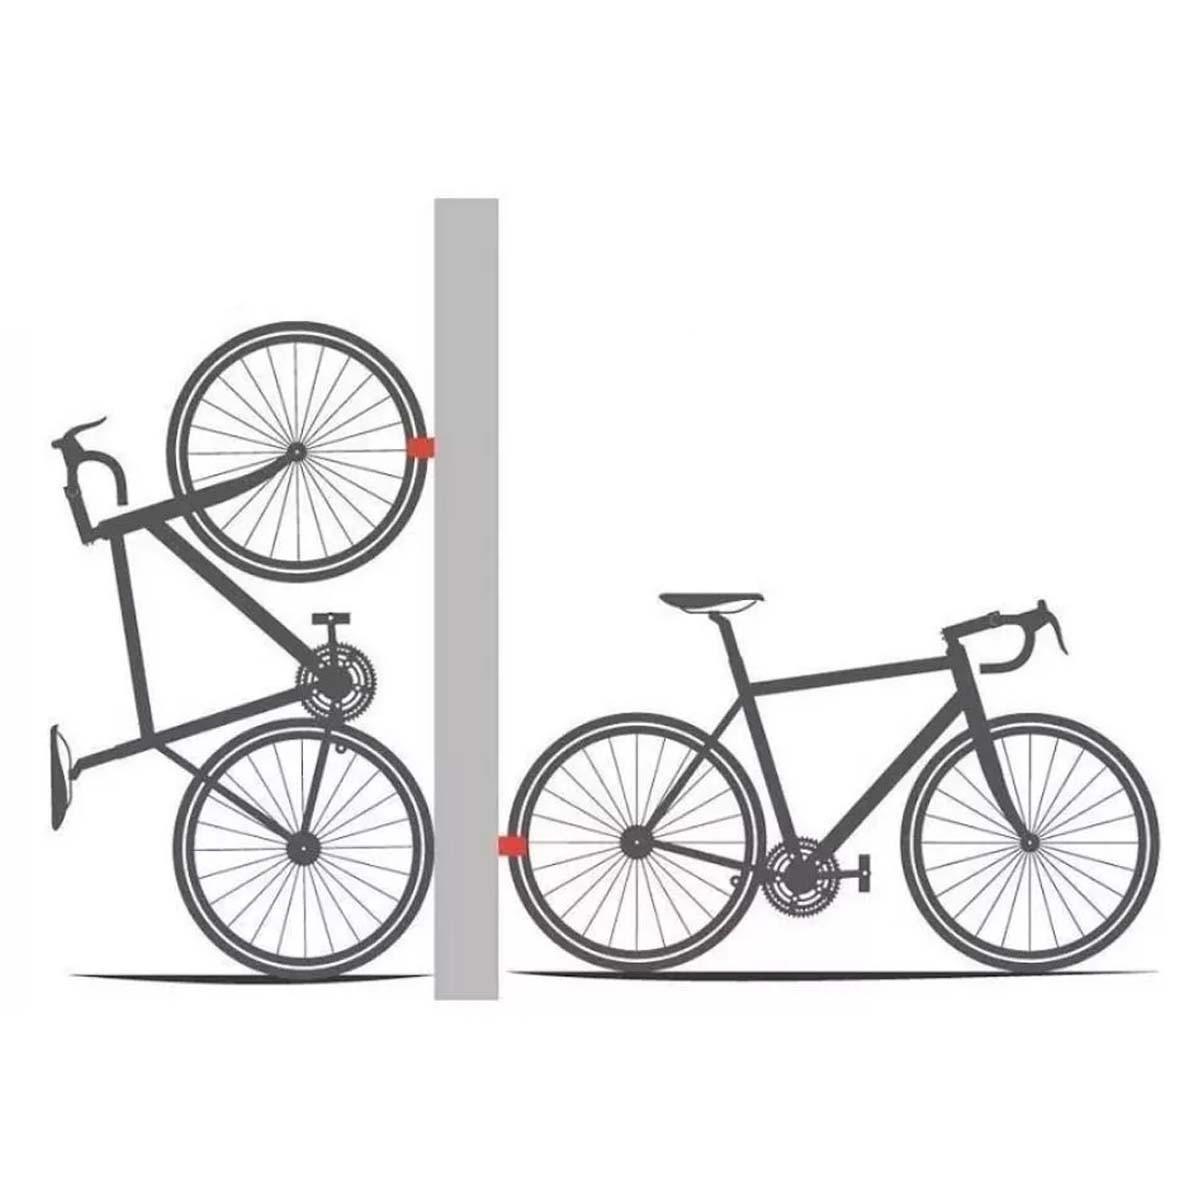 Suporte De Parede Vertical Ciclismo Maxford Bicicleta